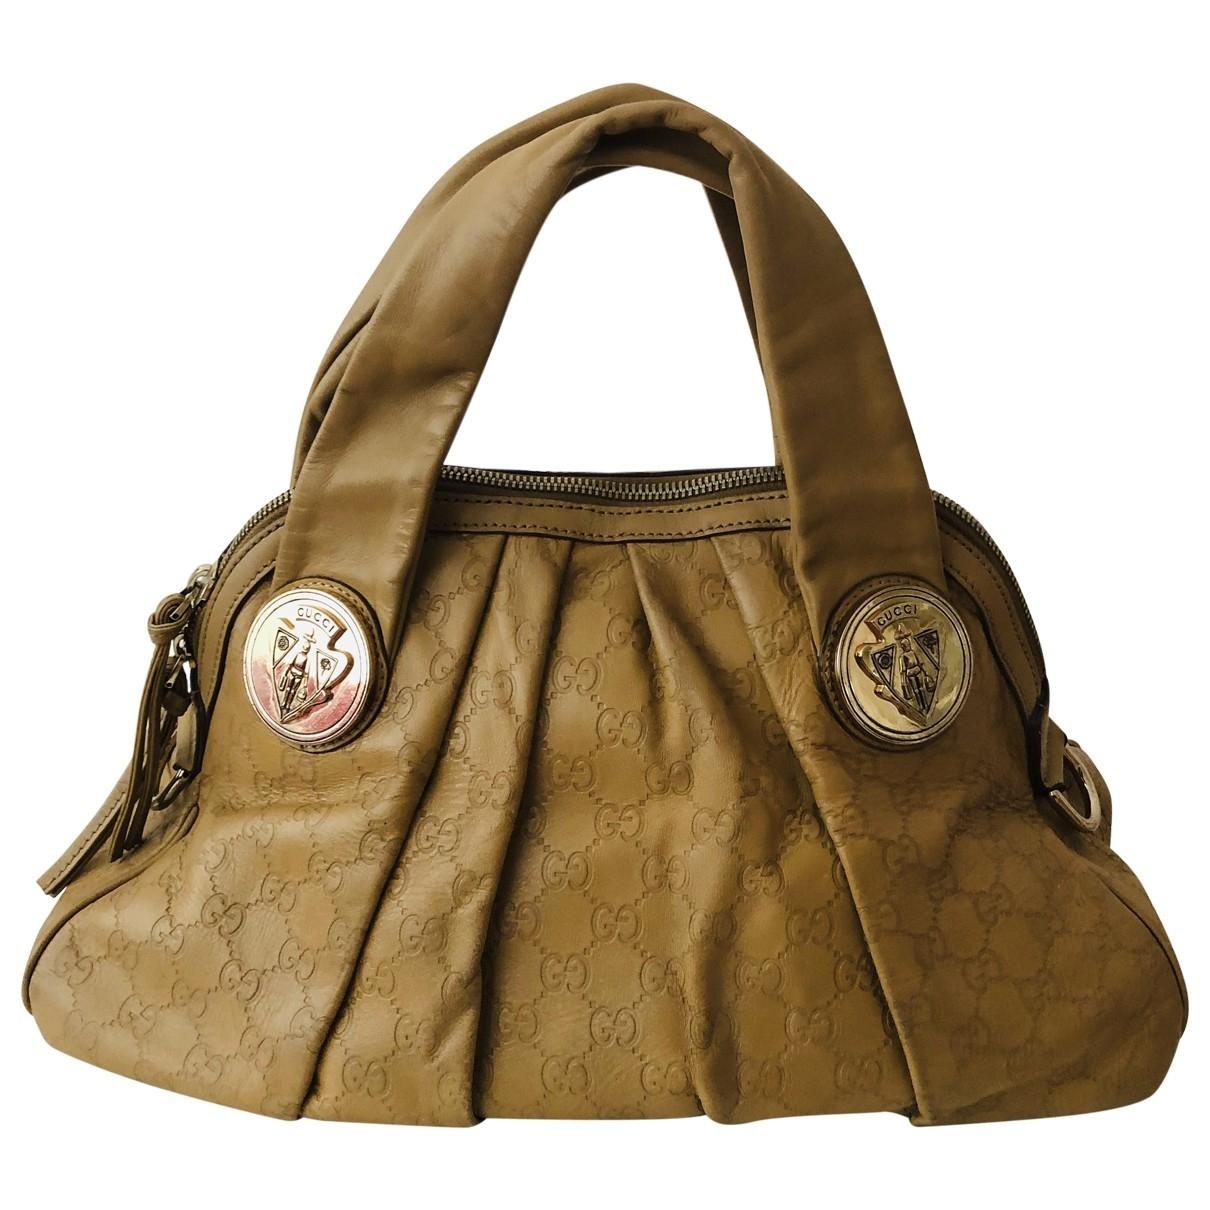 Gucci Hysteria Handtasche in  Beige Leder